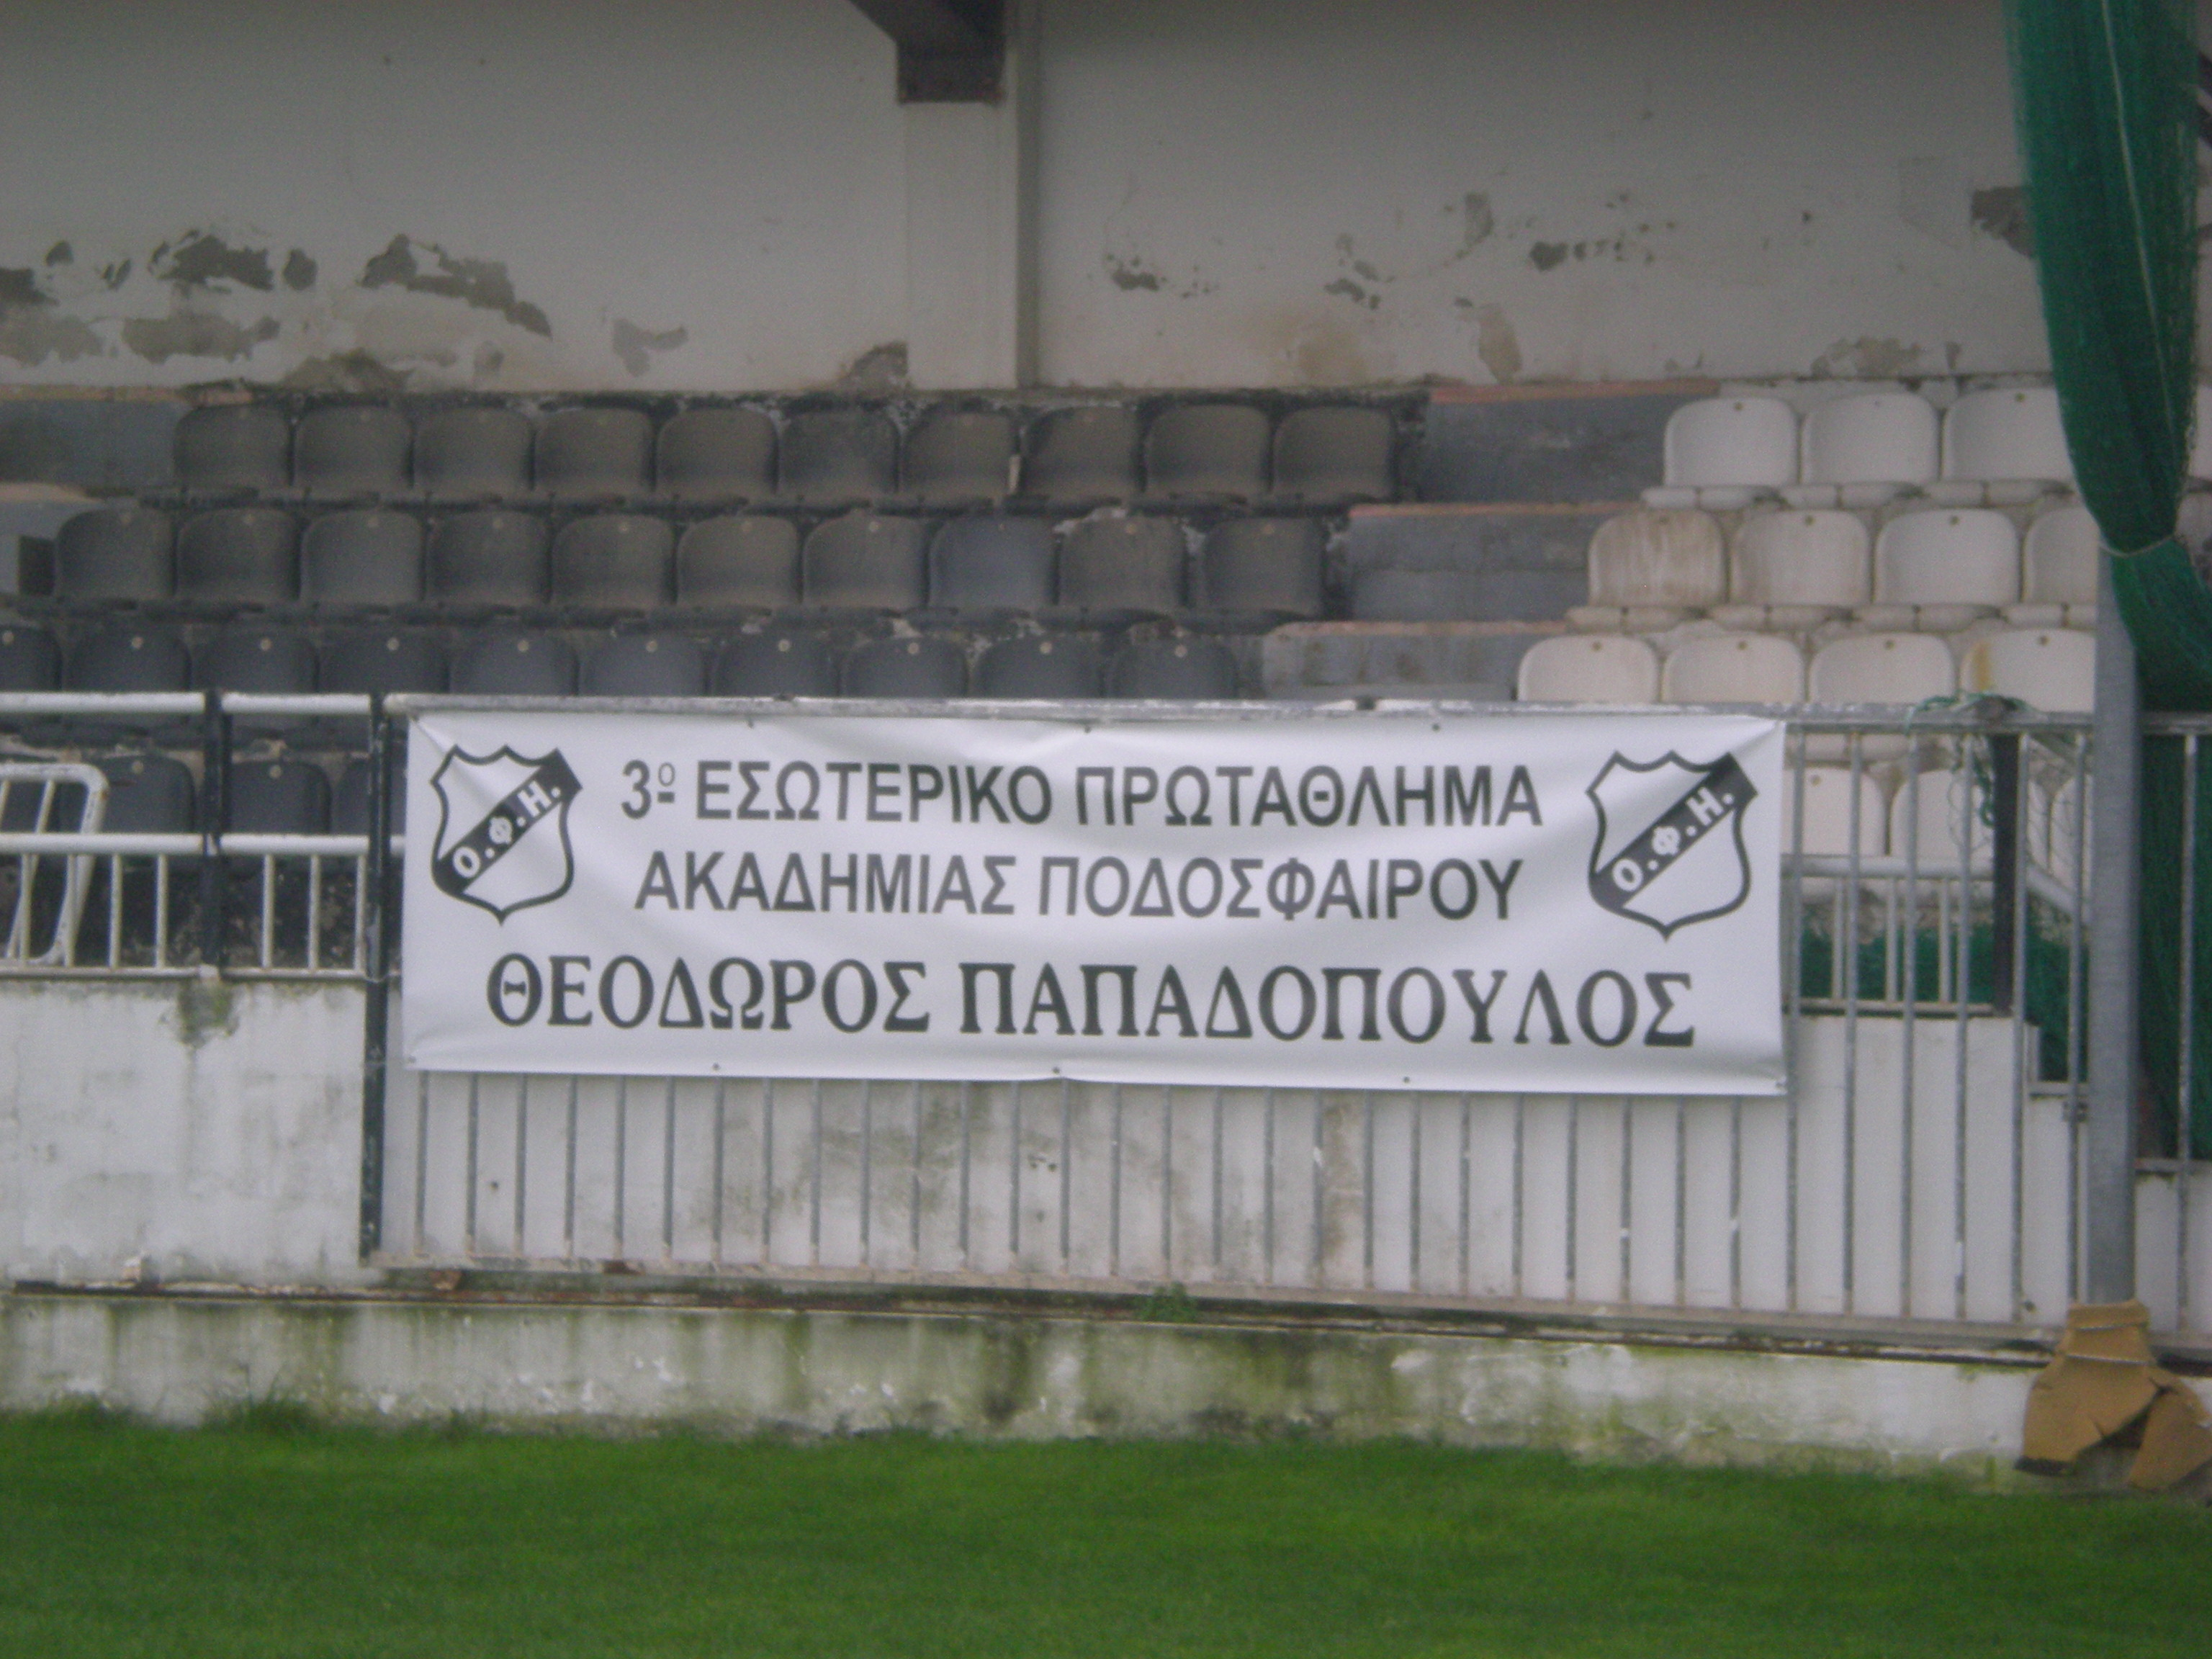 """Συνεχίζεται με αμείωτο ρυθμό το """"Θοδωρής Παπαδόπουλος"""""""